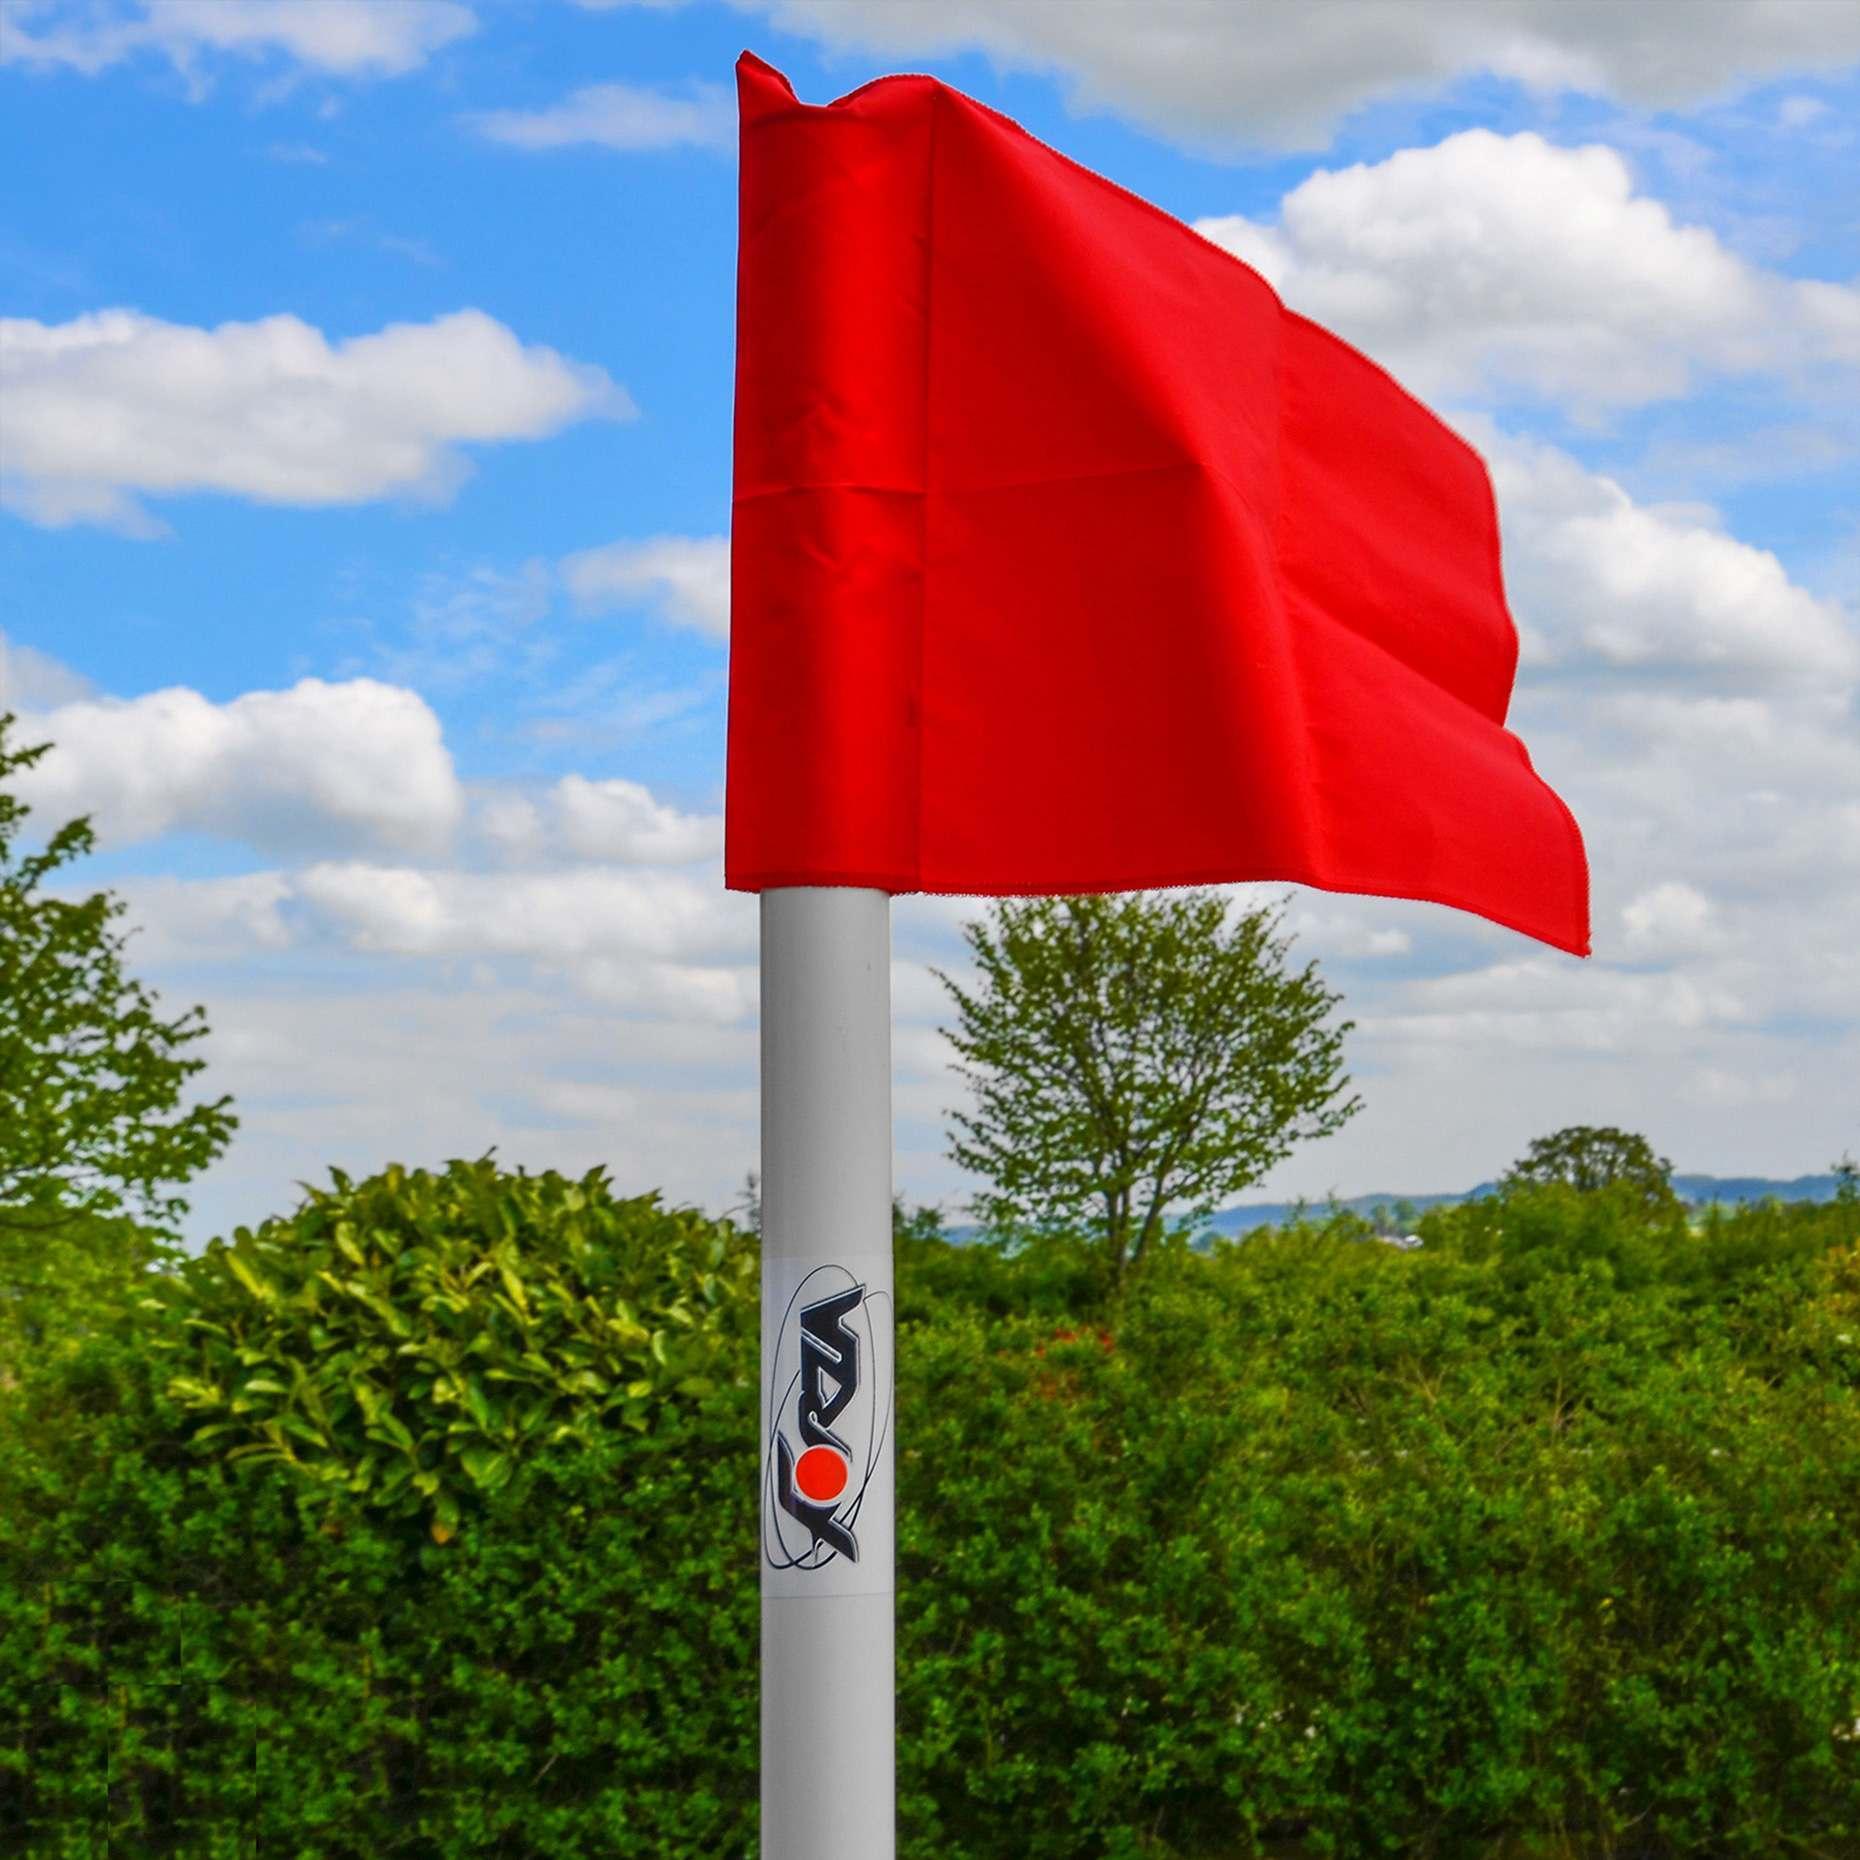 UEFA Pro Corner Pole & Flags with Ground Sleeve (Set of 4)